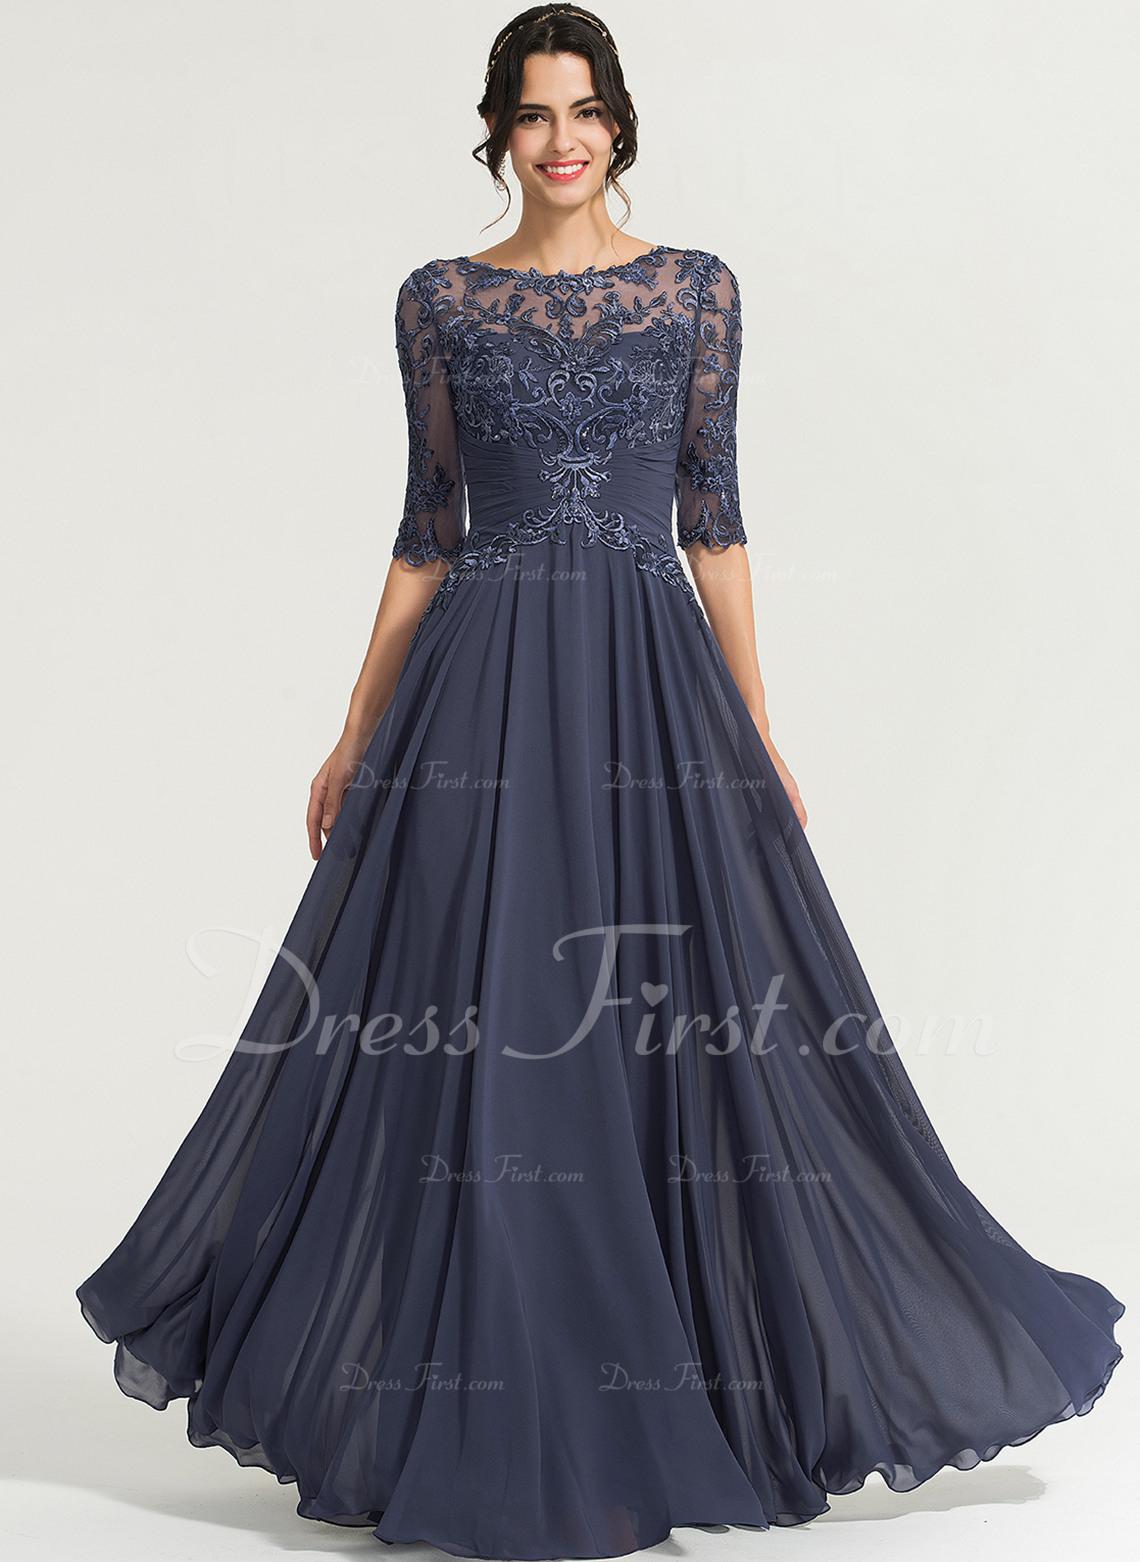 Ausgezeichnet Abendkleid U Ausschnitt Bester Preis17 Erstaunlich Abendkleid U Ausschnitt Stylish